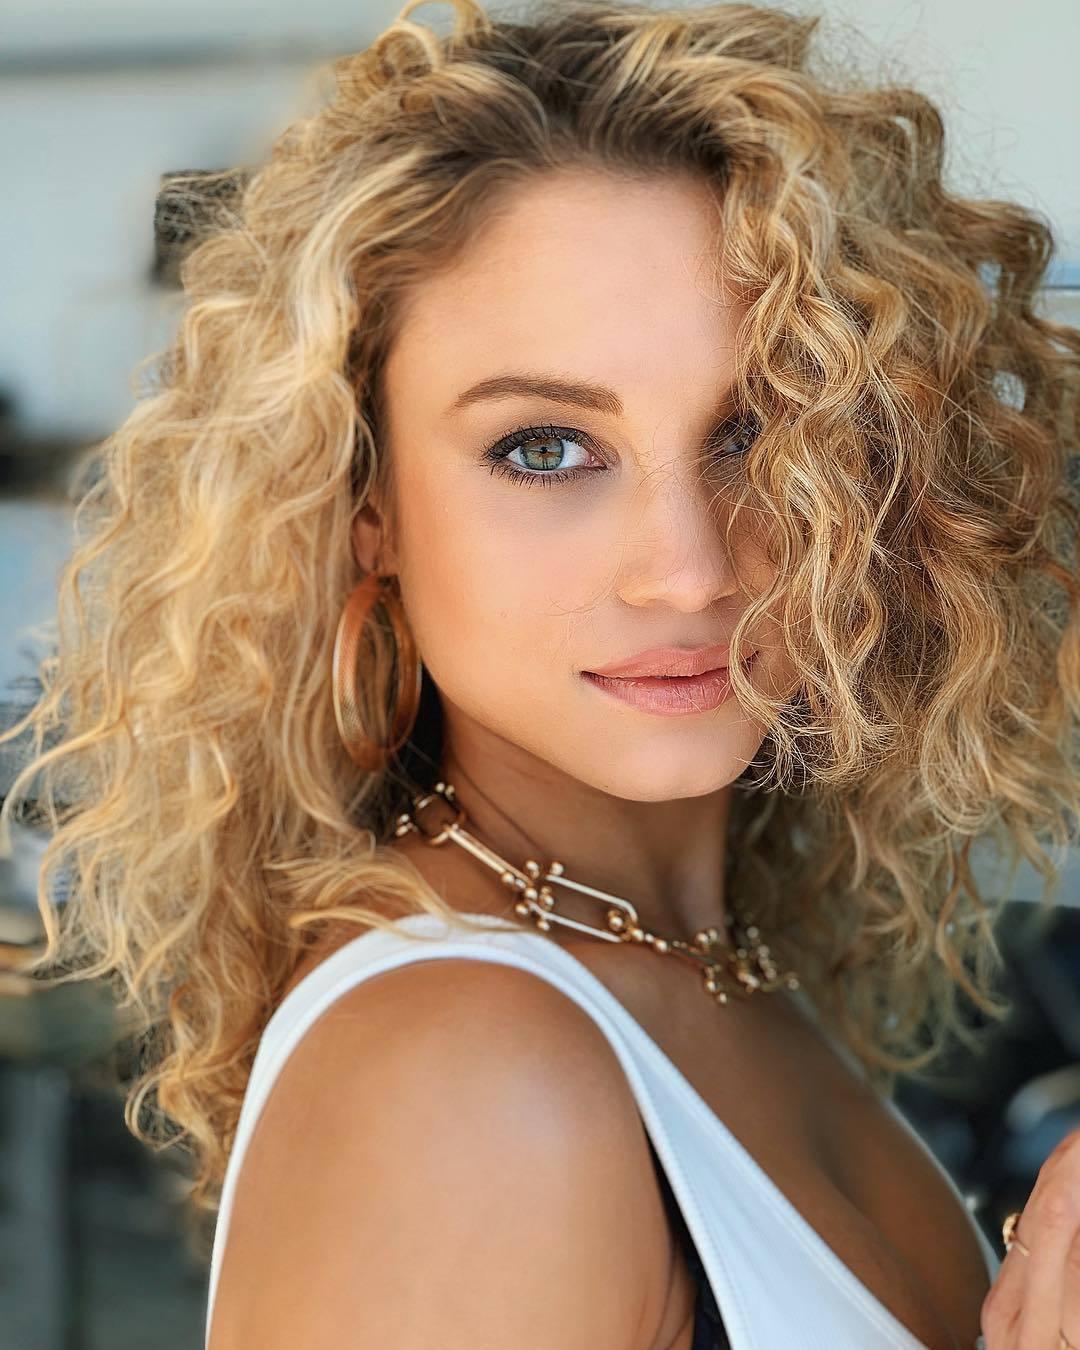 femme avec une permanente blonde bouclée